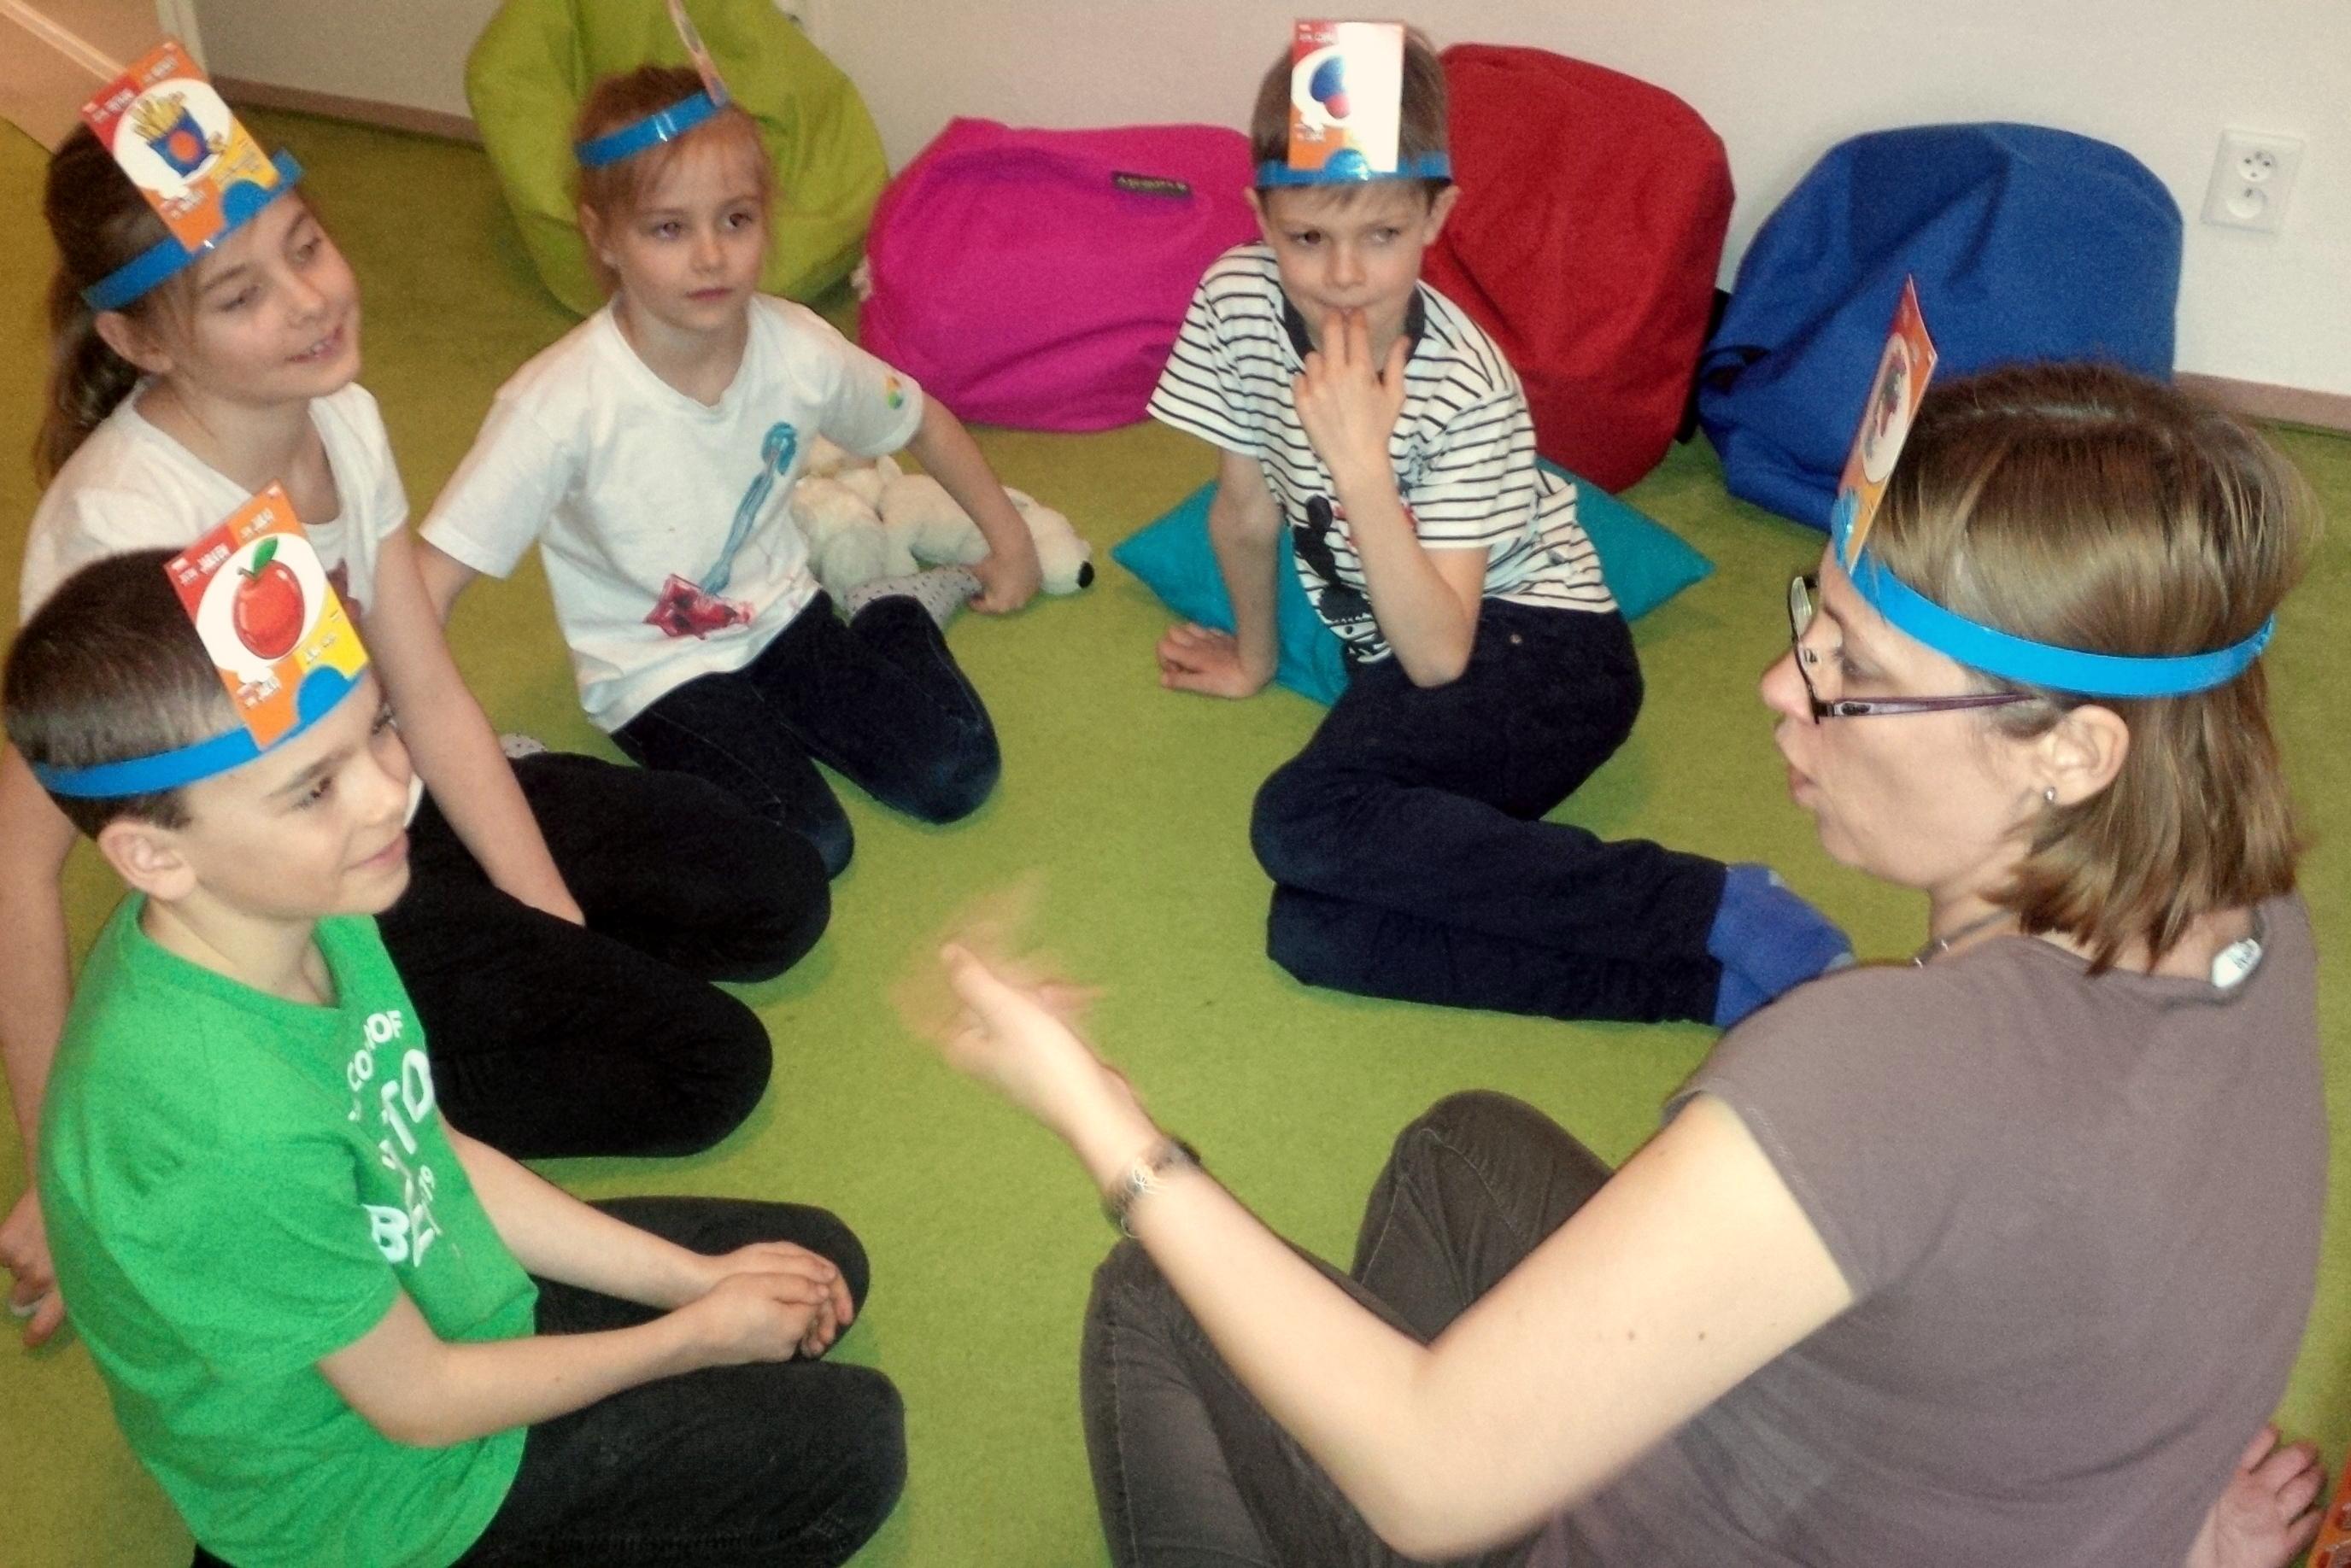 jazyky Praha - jazyková škola - kurzy angličtiny pro děti i seniory